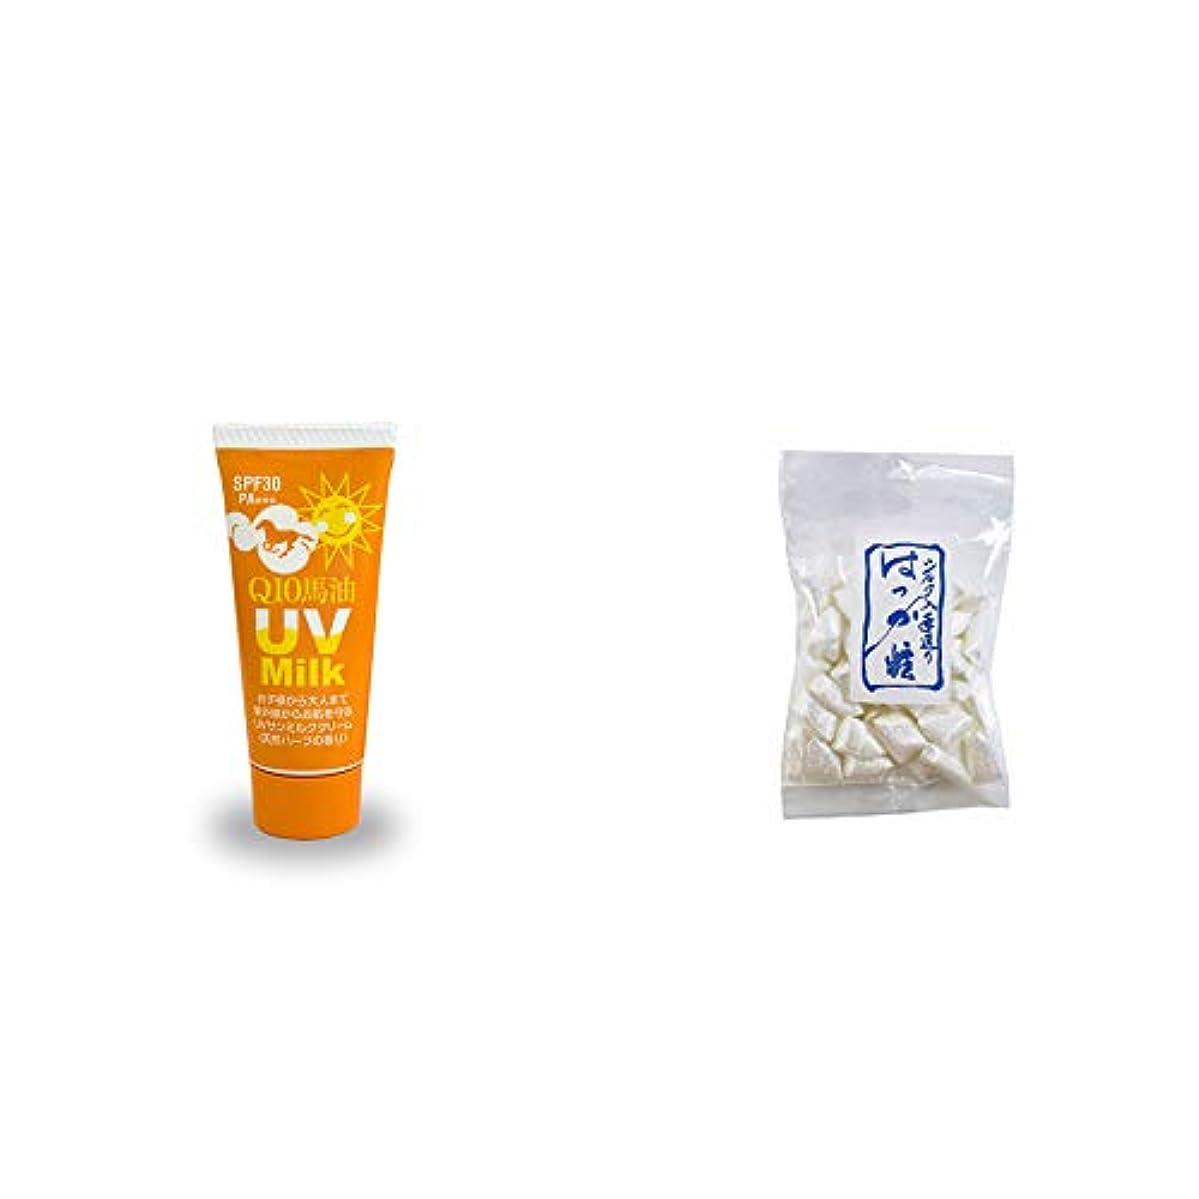 高架確実アームストロング[2点セット] 炭黒泉 Q10馬油 UVサンミルク[天然ハーブ](40g)?シルクはっか糖(150g)